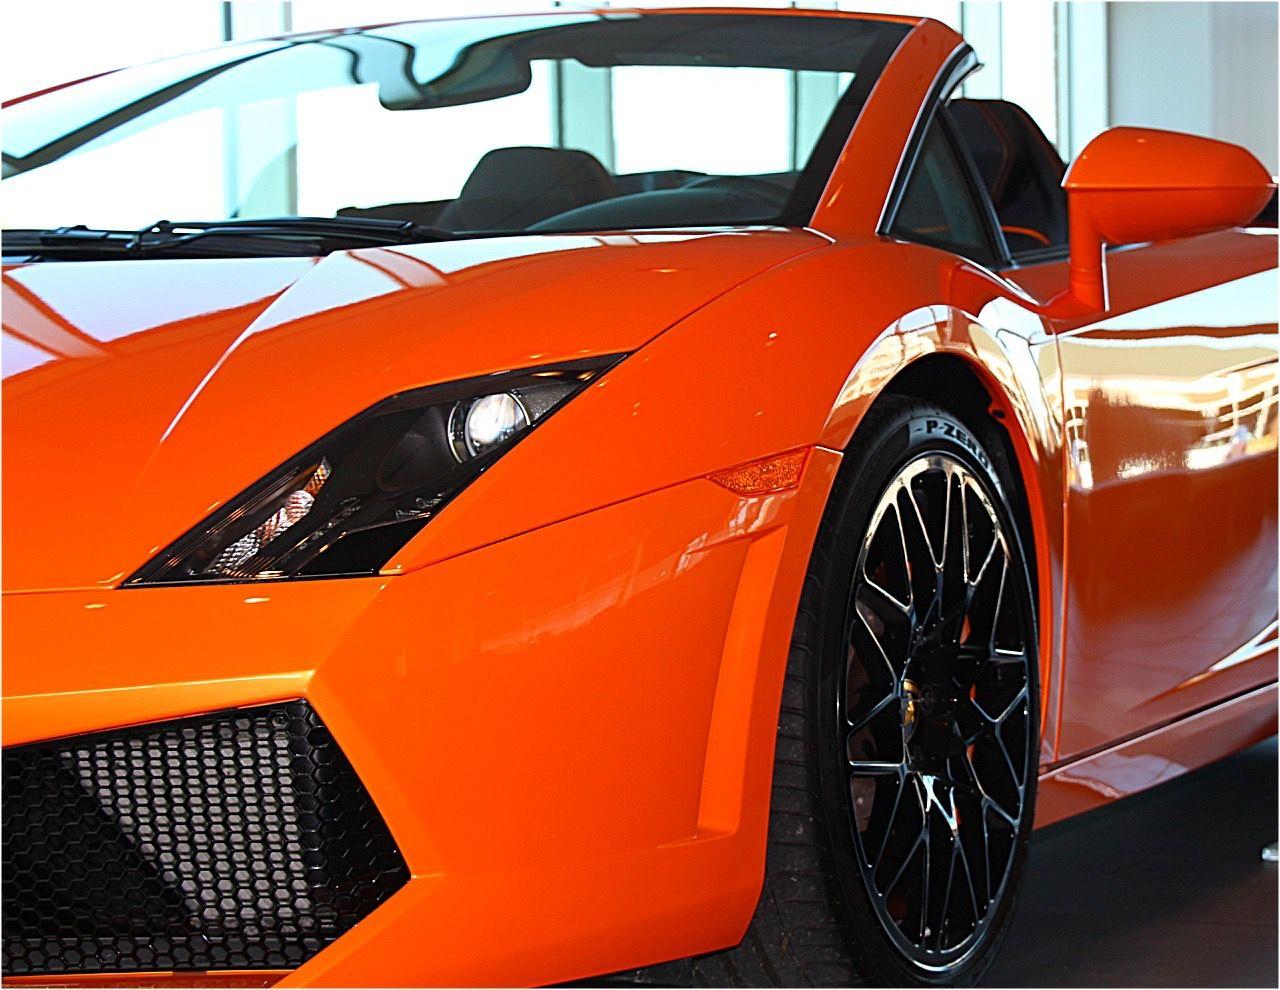 Car Porn Convertible Convertible Car Lamborgini  Orange Car